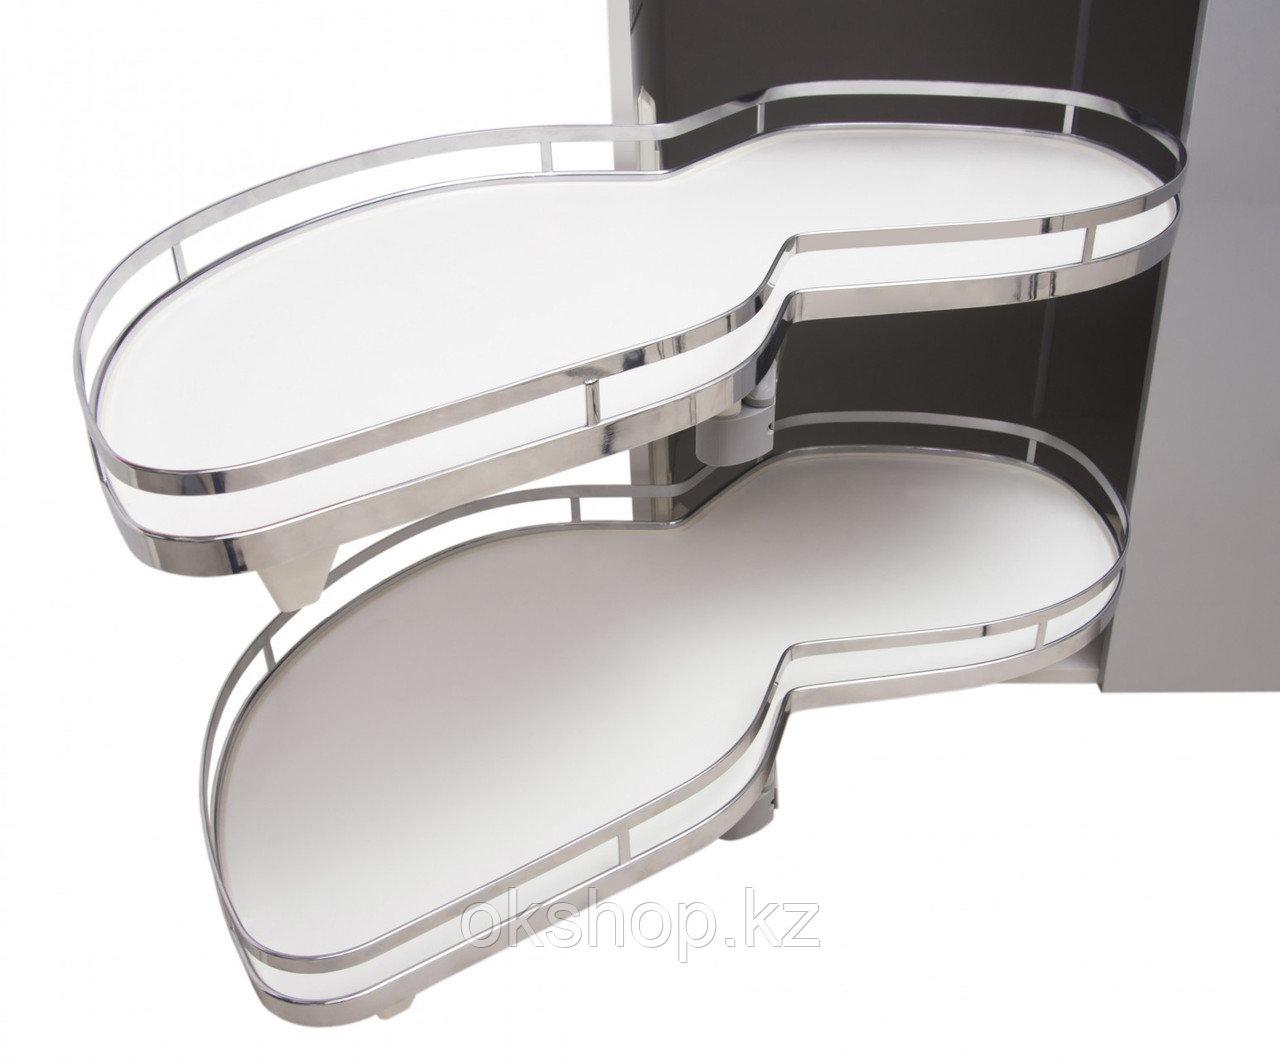 Выкатная корзина для кухни волшебный уголок LOTUS KRM10/900-1000/L